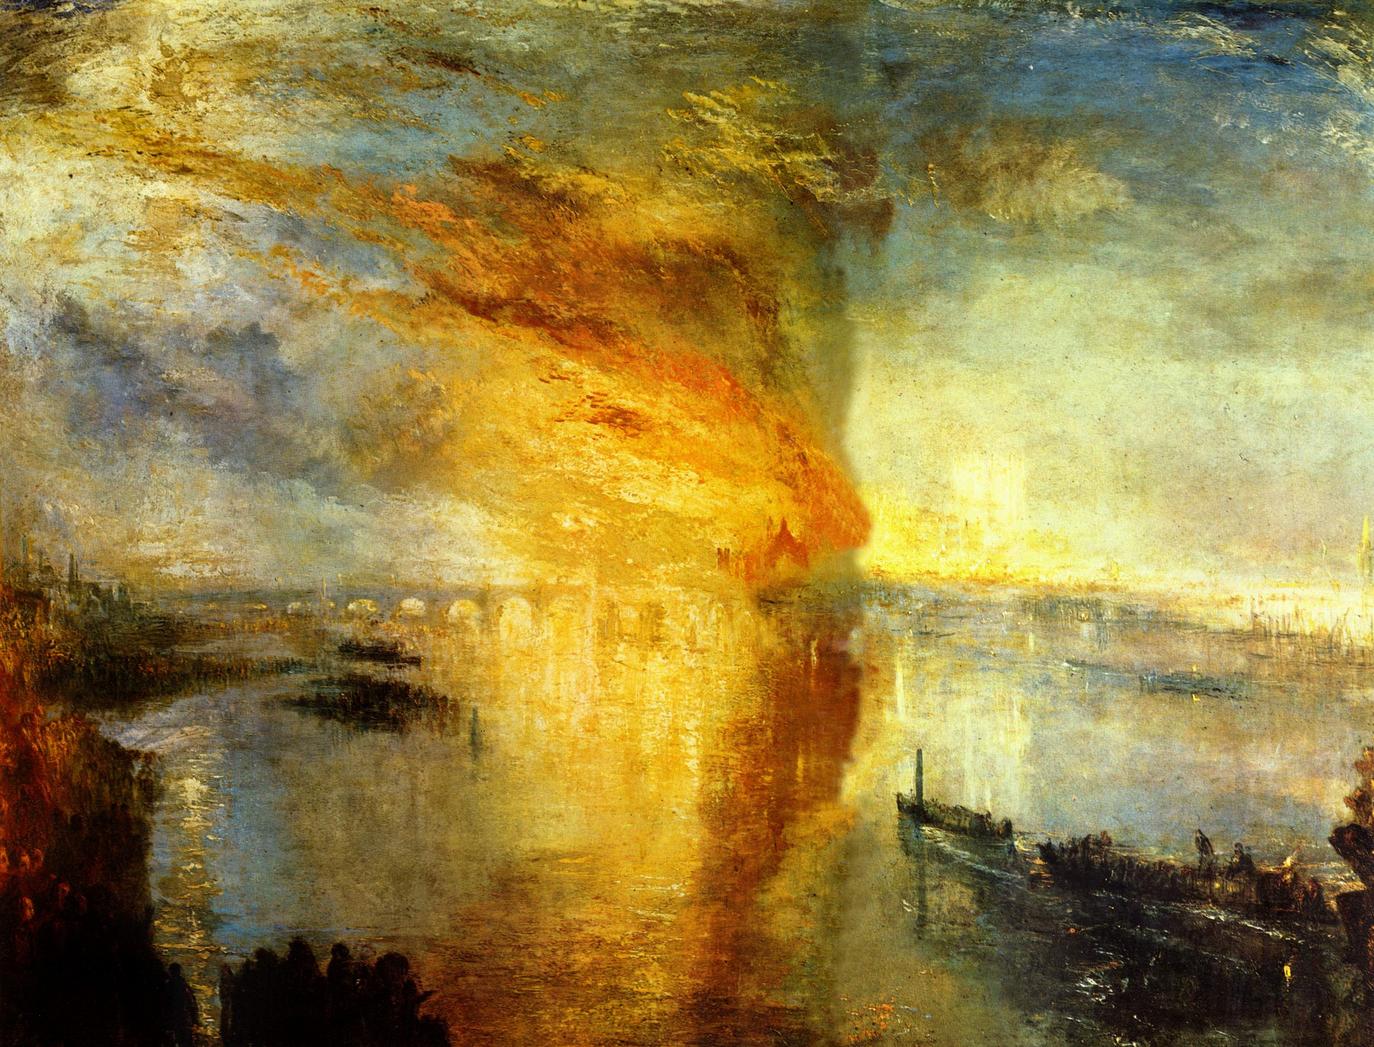 Turner Joseph Mallord William, L'incendie de la Chambre des Lords et des Communes, 1835, huile sur toile, 92,7 × 123 cm, Cleveland Museum of Art